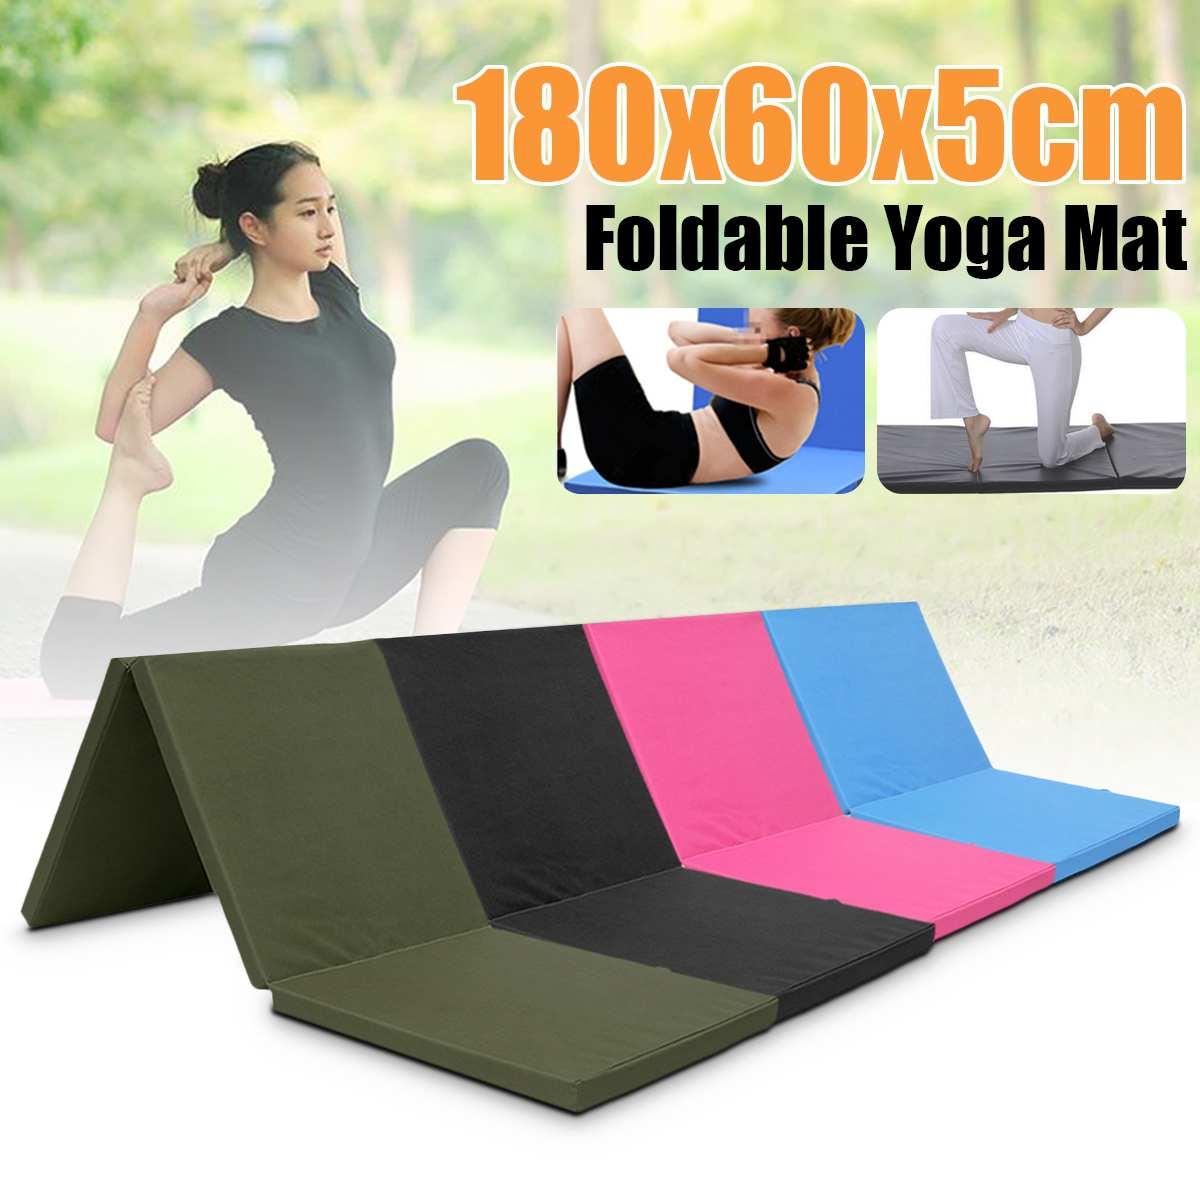 Coussin pliant gymnastique Gym tapis exercice Yoga tapis Pad décontracté Yoga couvertures pour Fitness entraînement en plein air exercice matelas